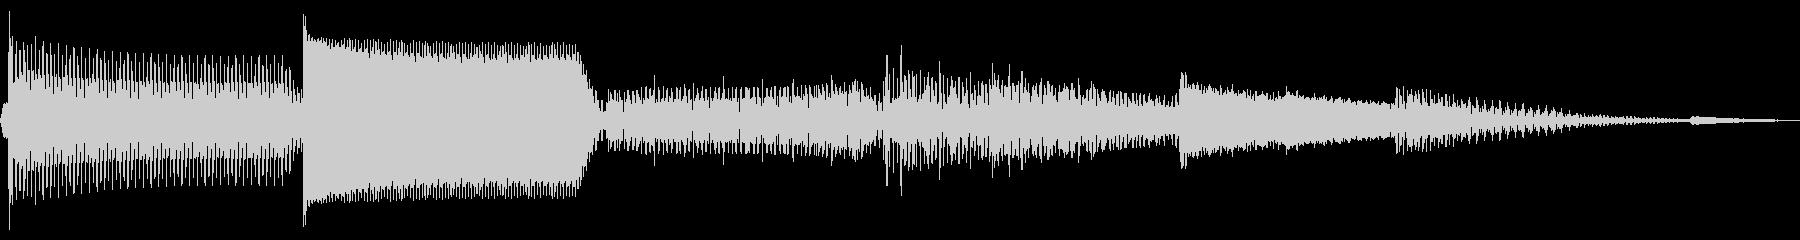 ピロロロ(決定 カーソル移動 スワイプ)の未再生の波形